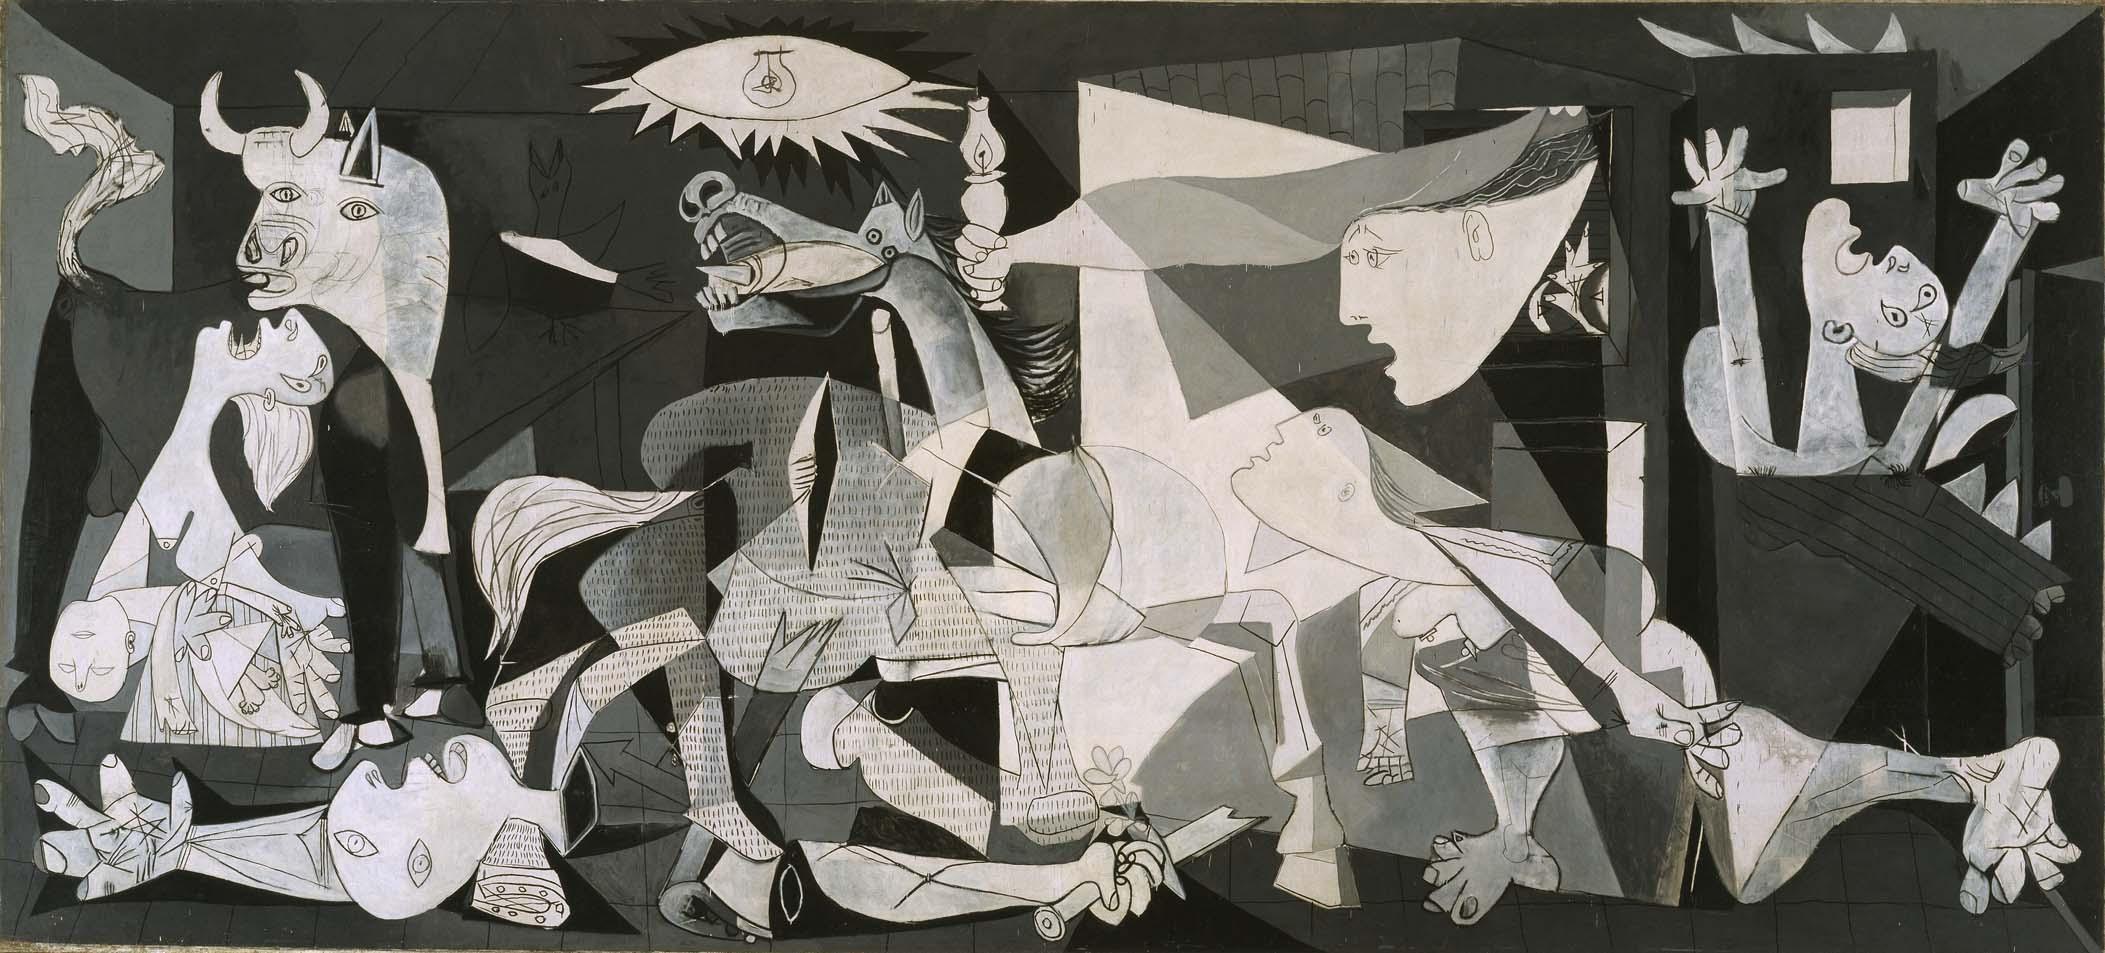 El Guernica es la obra más reconocida de Pablo Picasso y sus significaciones aún siguen vigentes